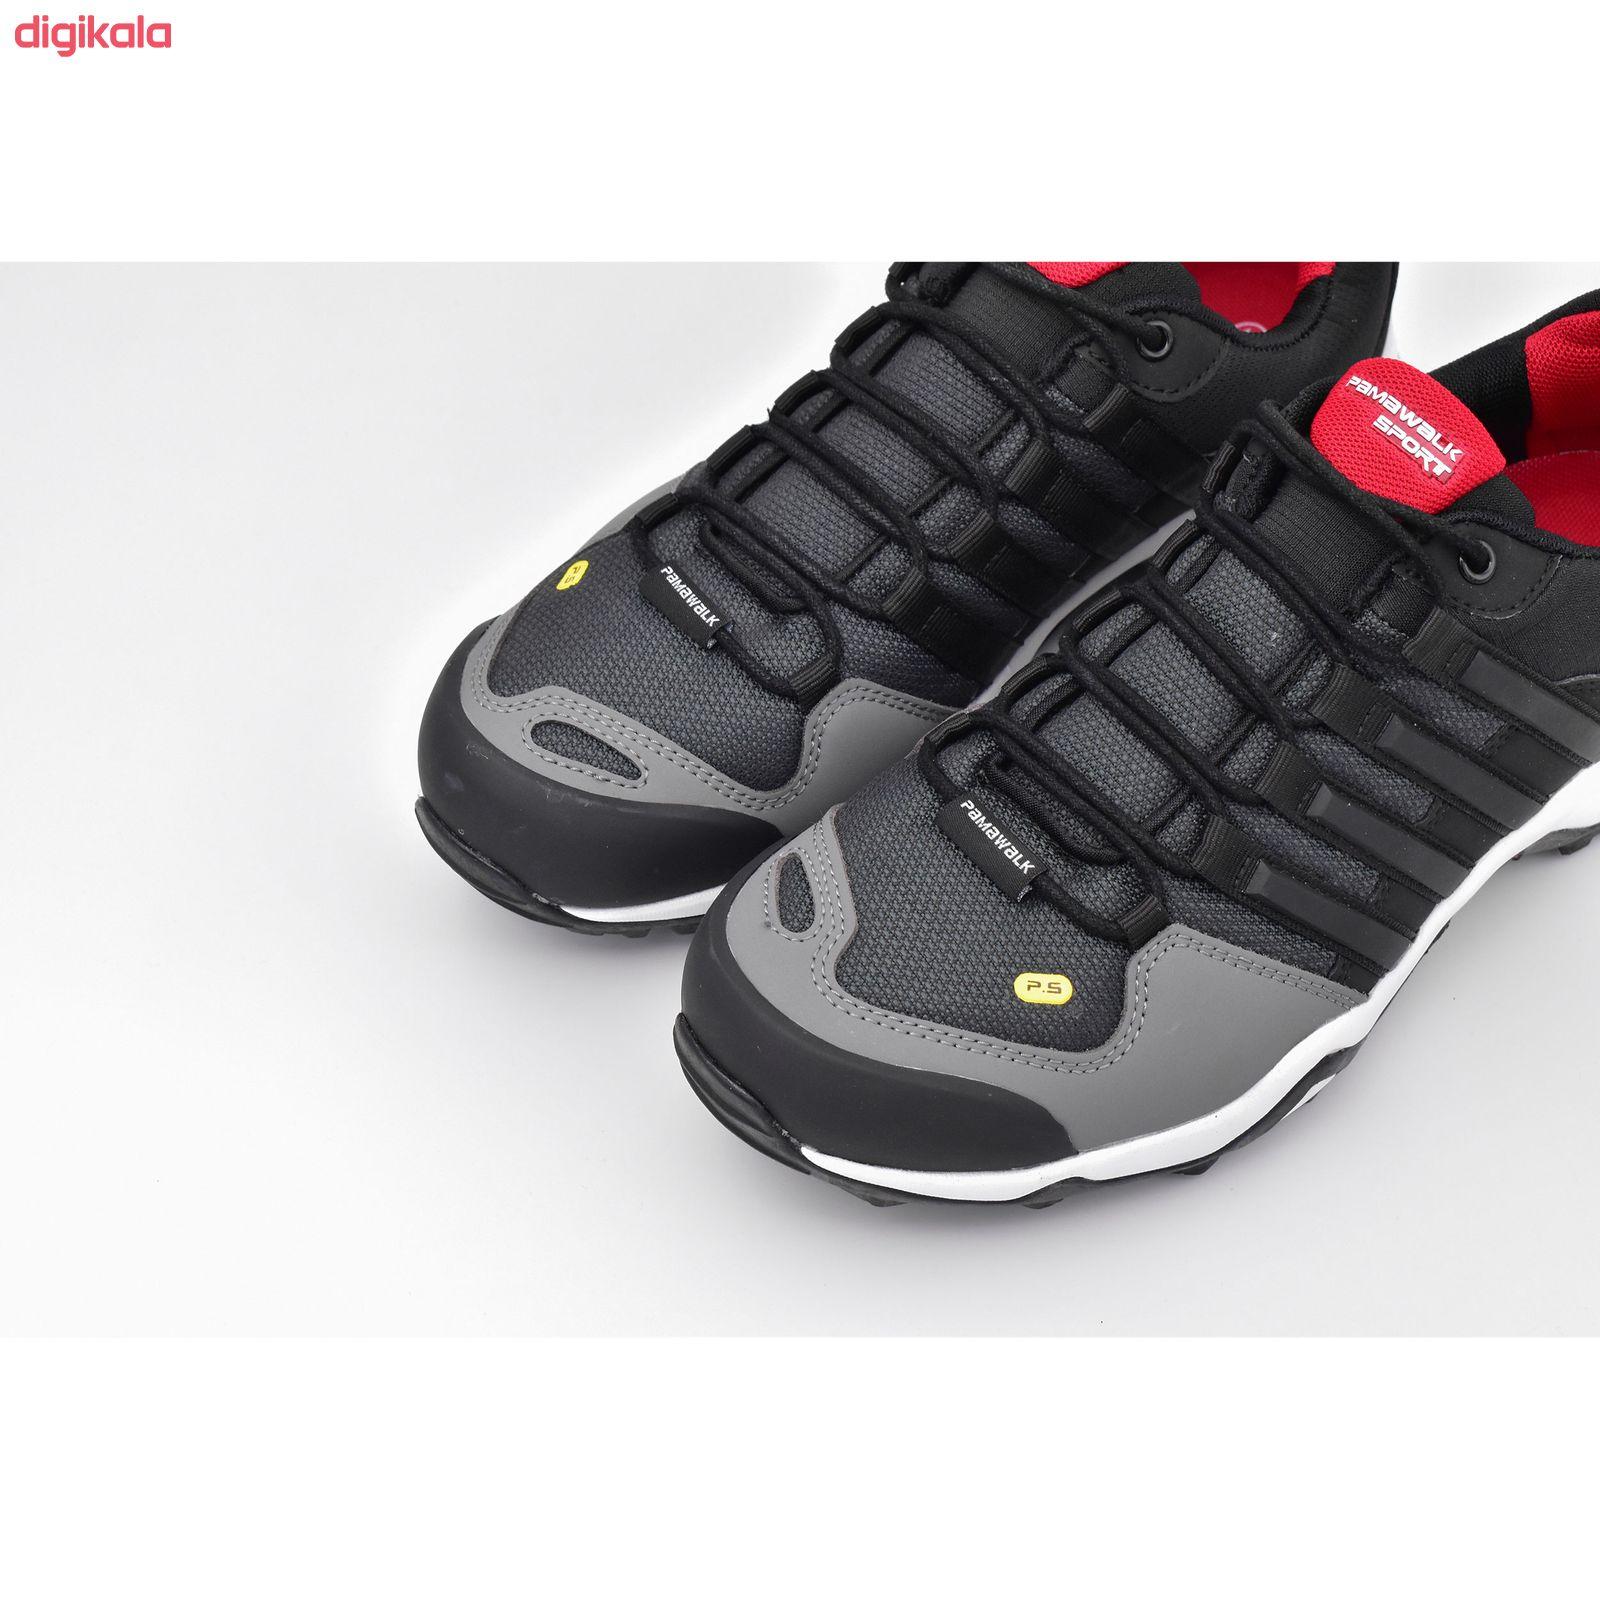 کفش پیاده روی مردانه پاما مدل TT کد 1080-2 main 1 2